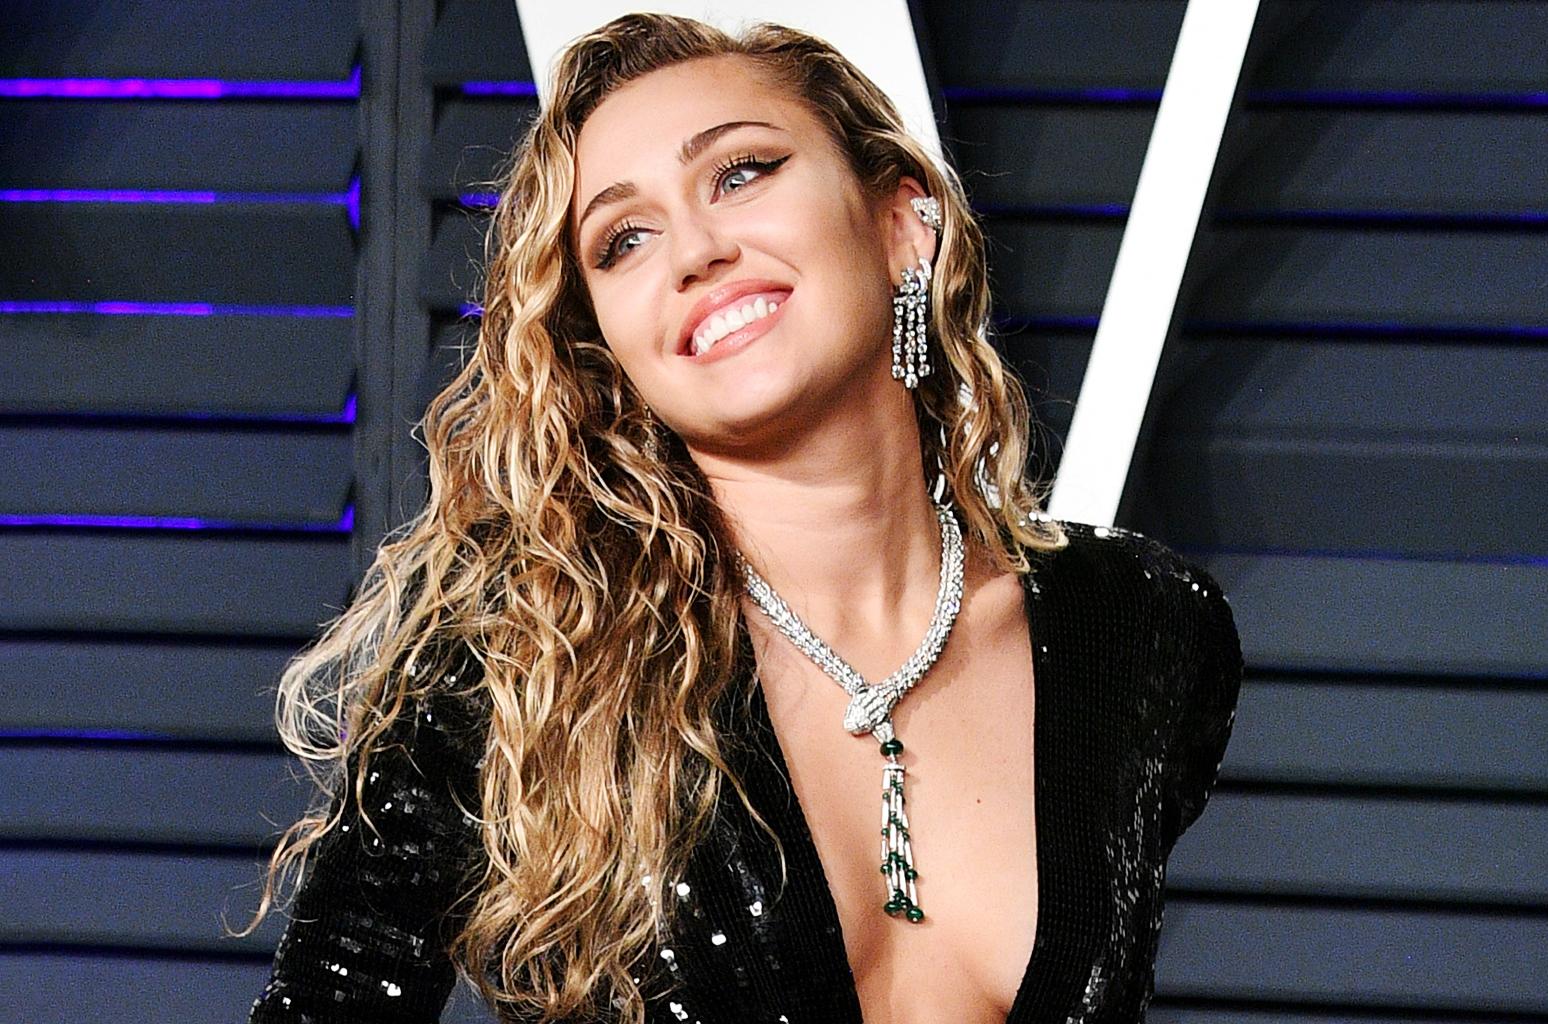 A Cantora Miley Cyrus respondeu os rumores de que ela vai se separar de Liam Hemsworth (foto: Reprodução)